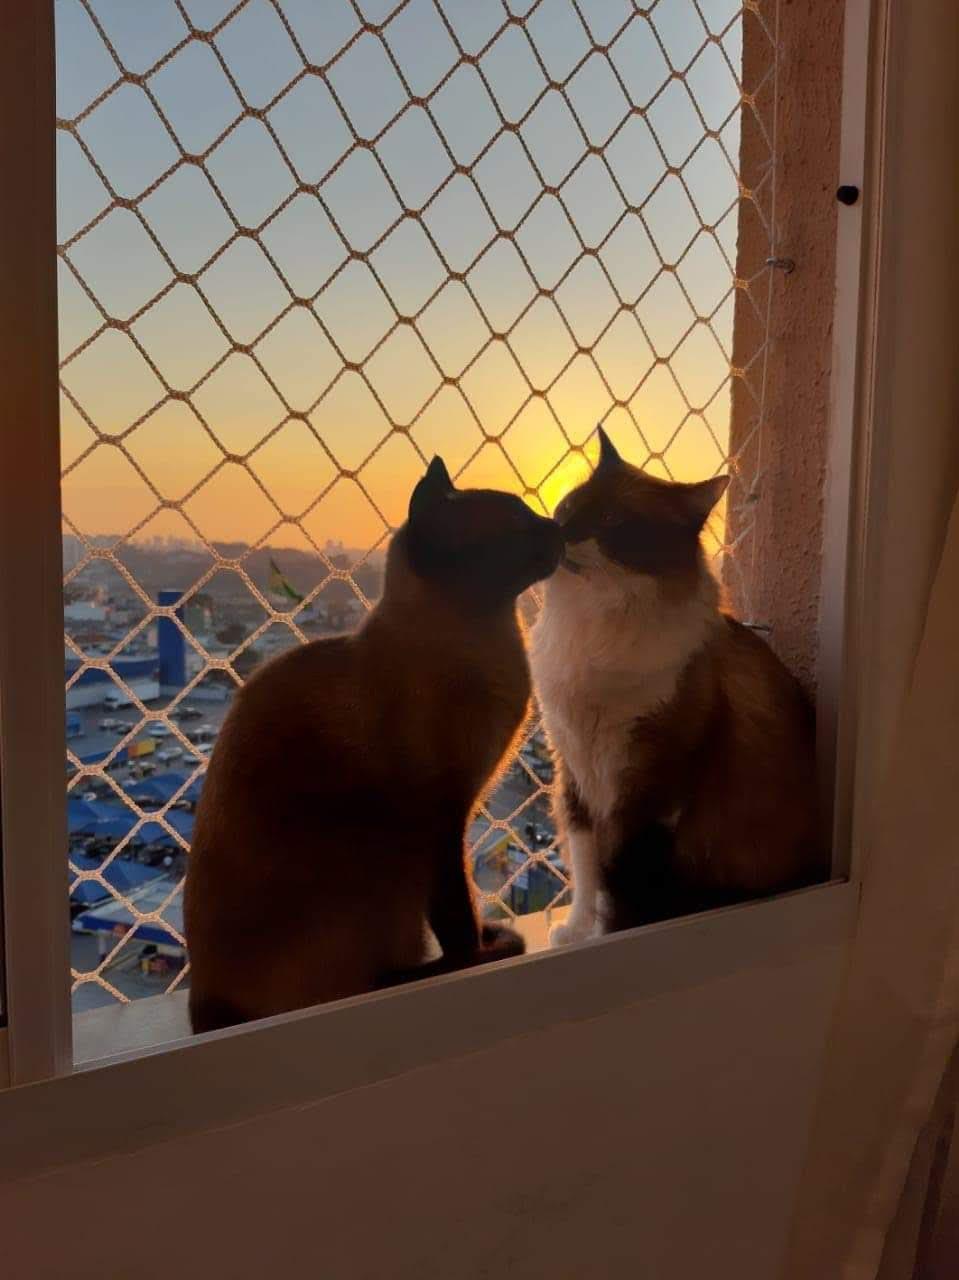 Telas e redes de proteção para gatos - Tela segura gatinho